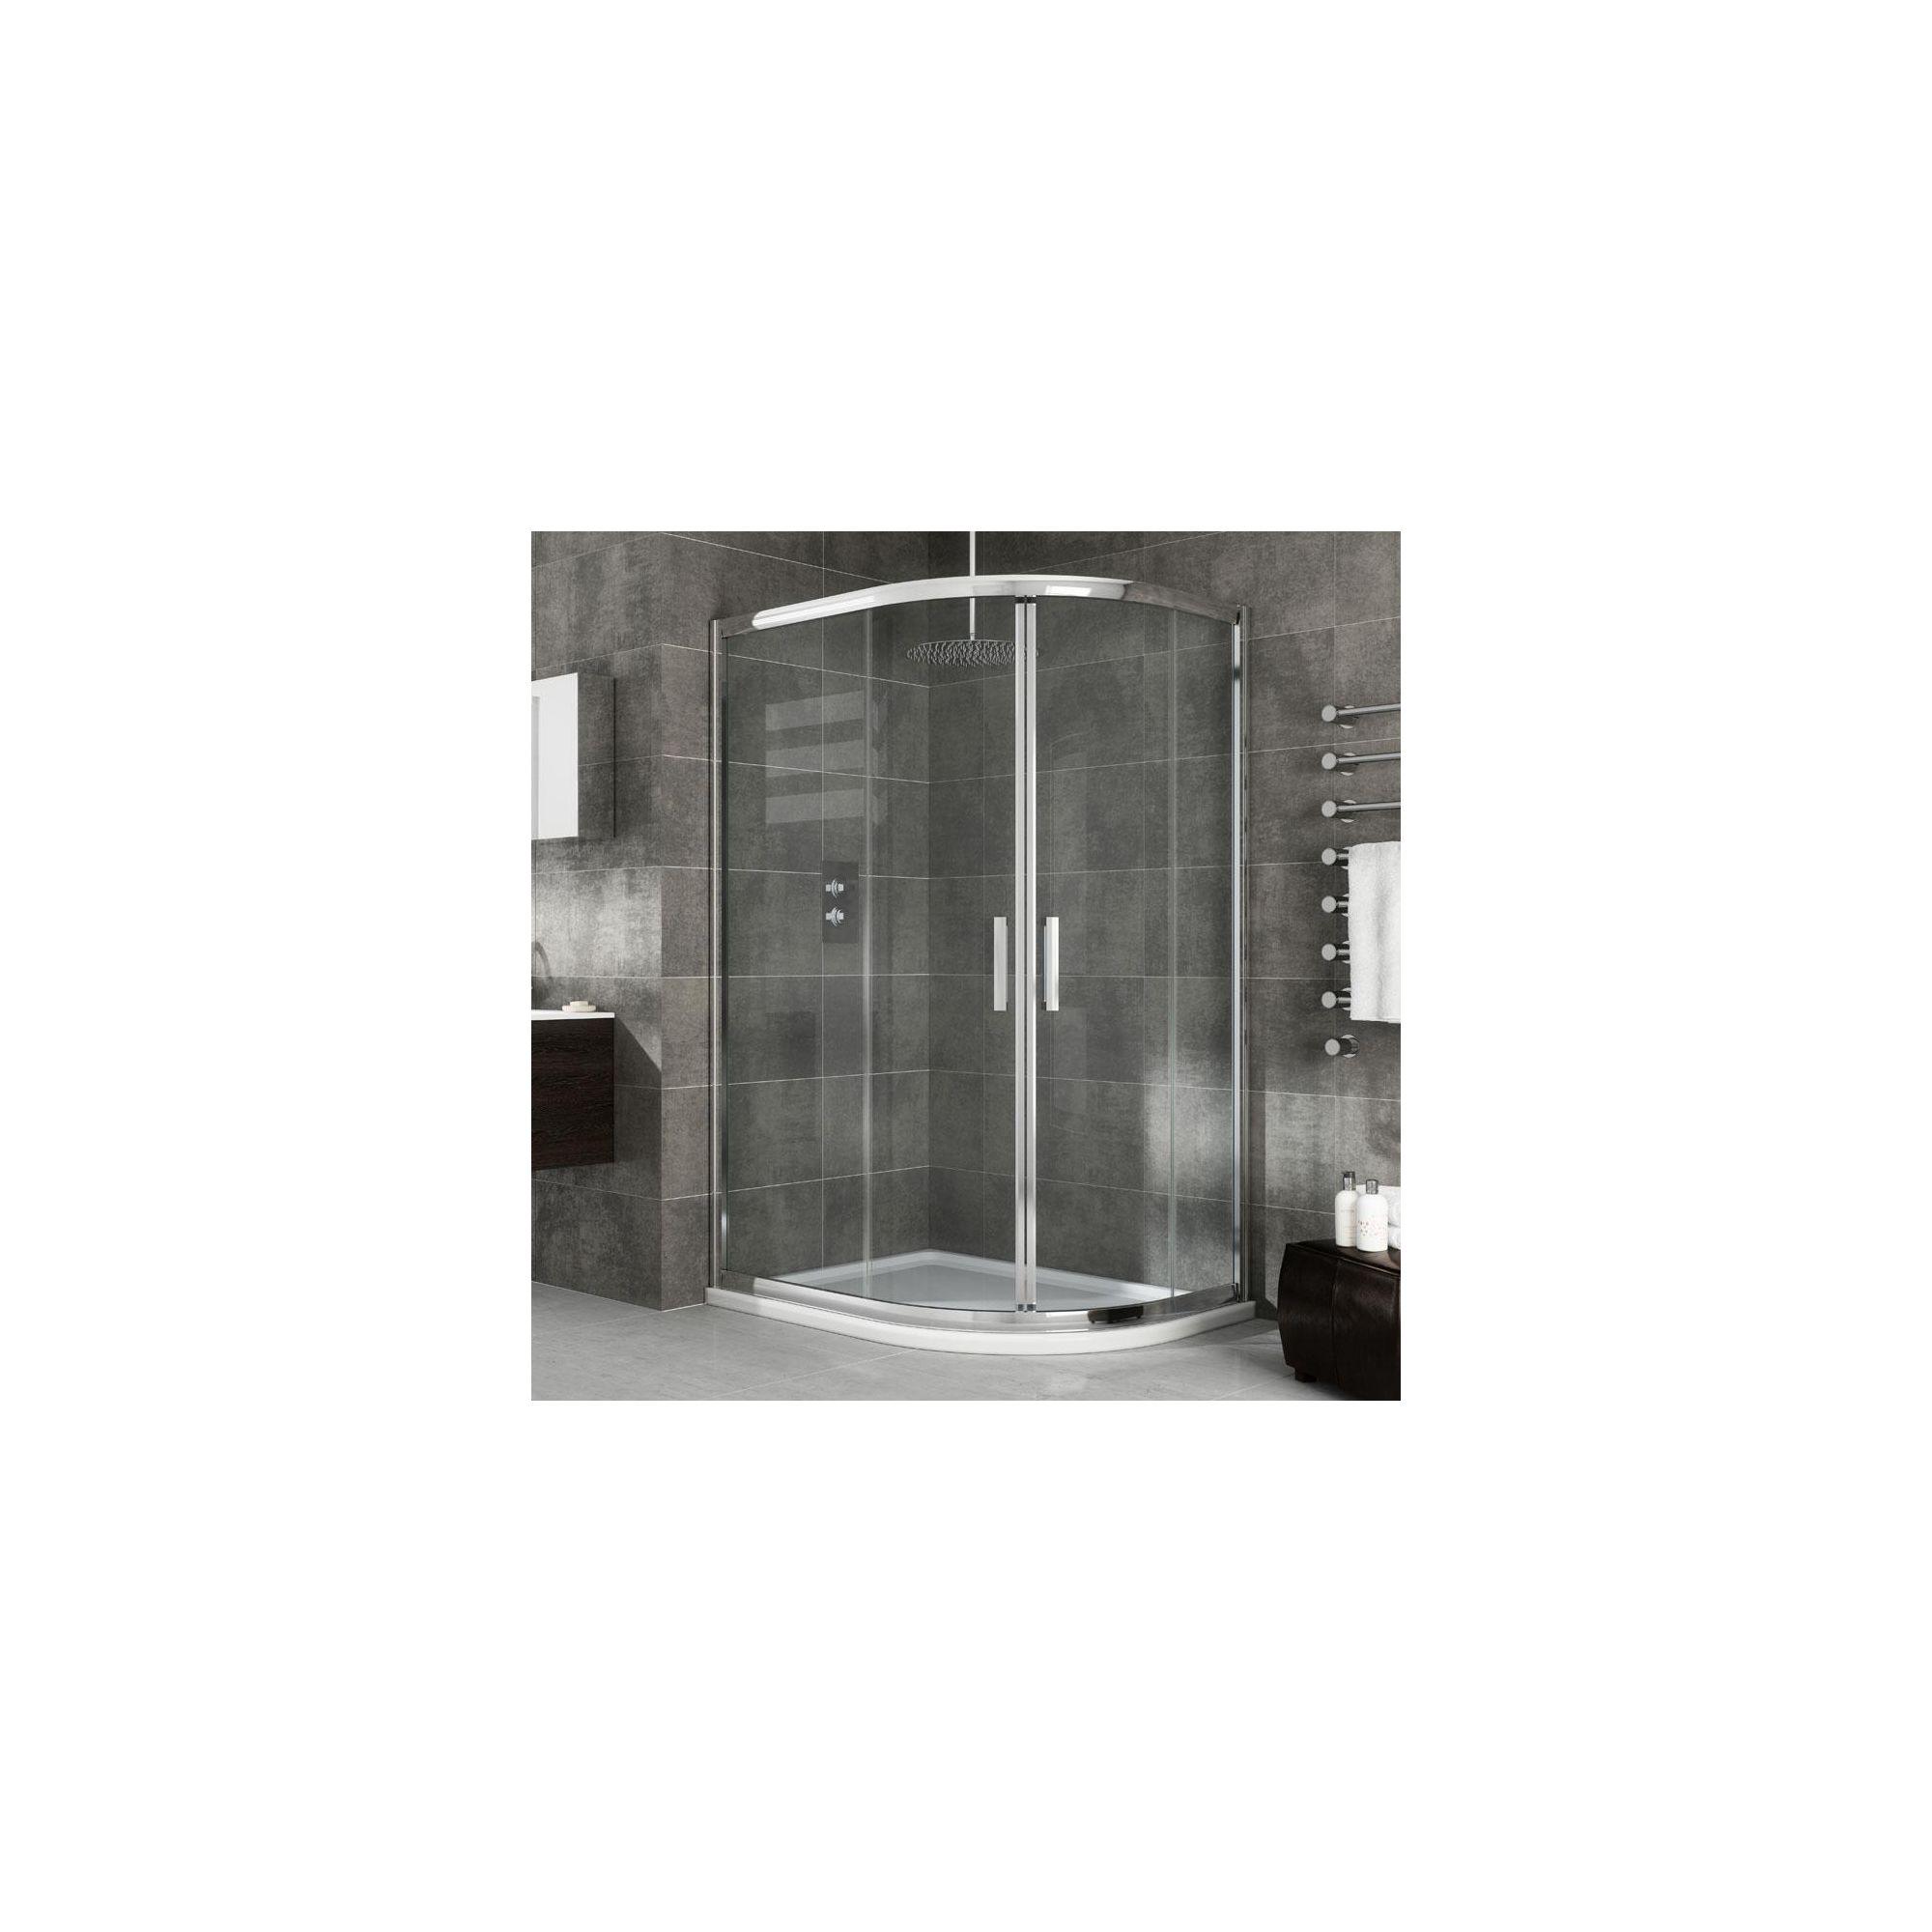 Elemis Eternity Two-Door Offset Quadrant Shower Door, 1200mm x 900mm, 8mm Glass at Tesco Direct